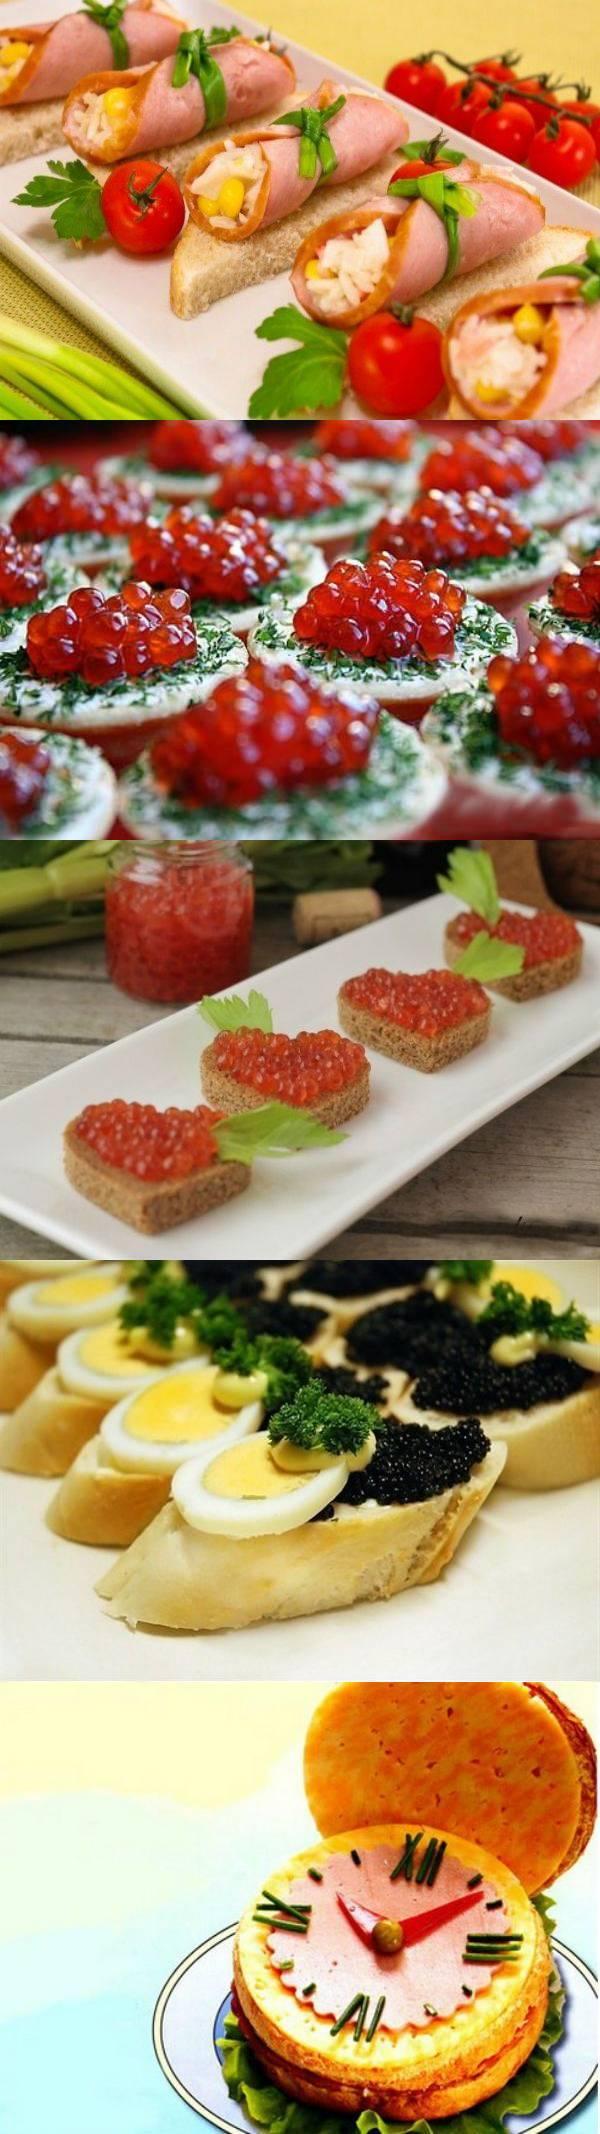 Украшение бутербродов. 15 оригинальных идей